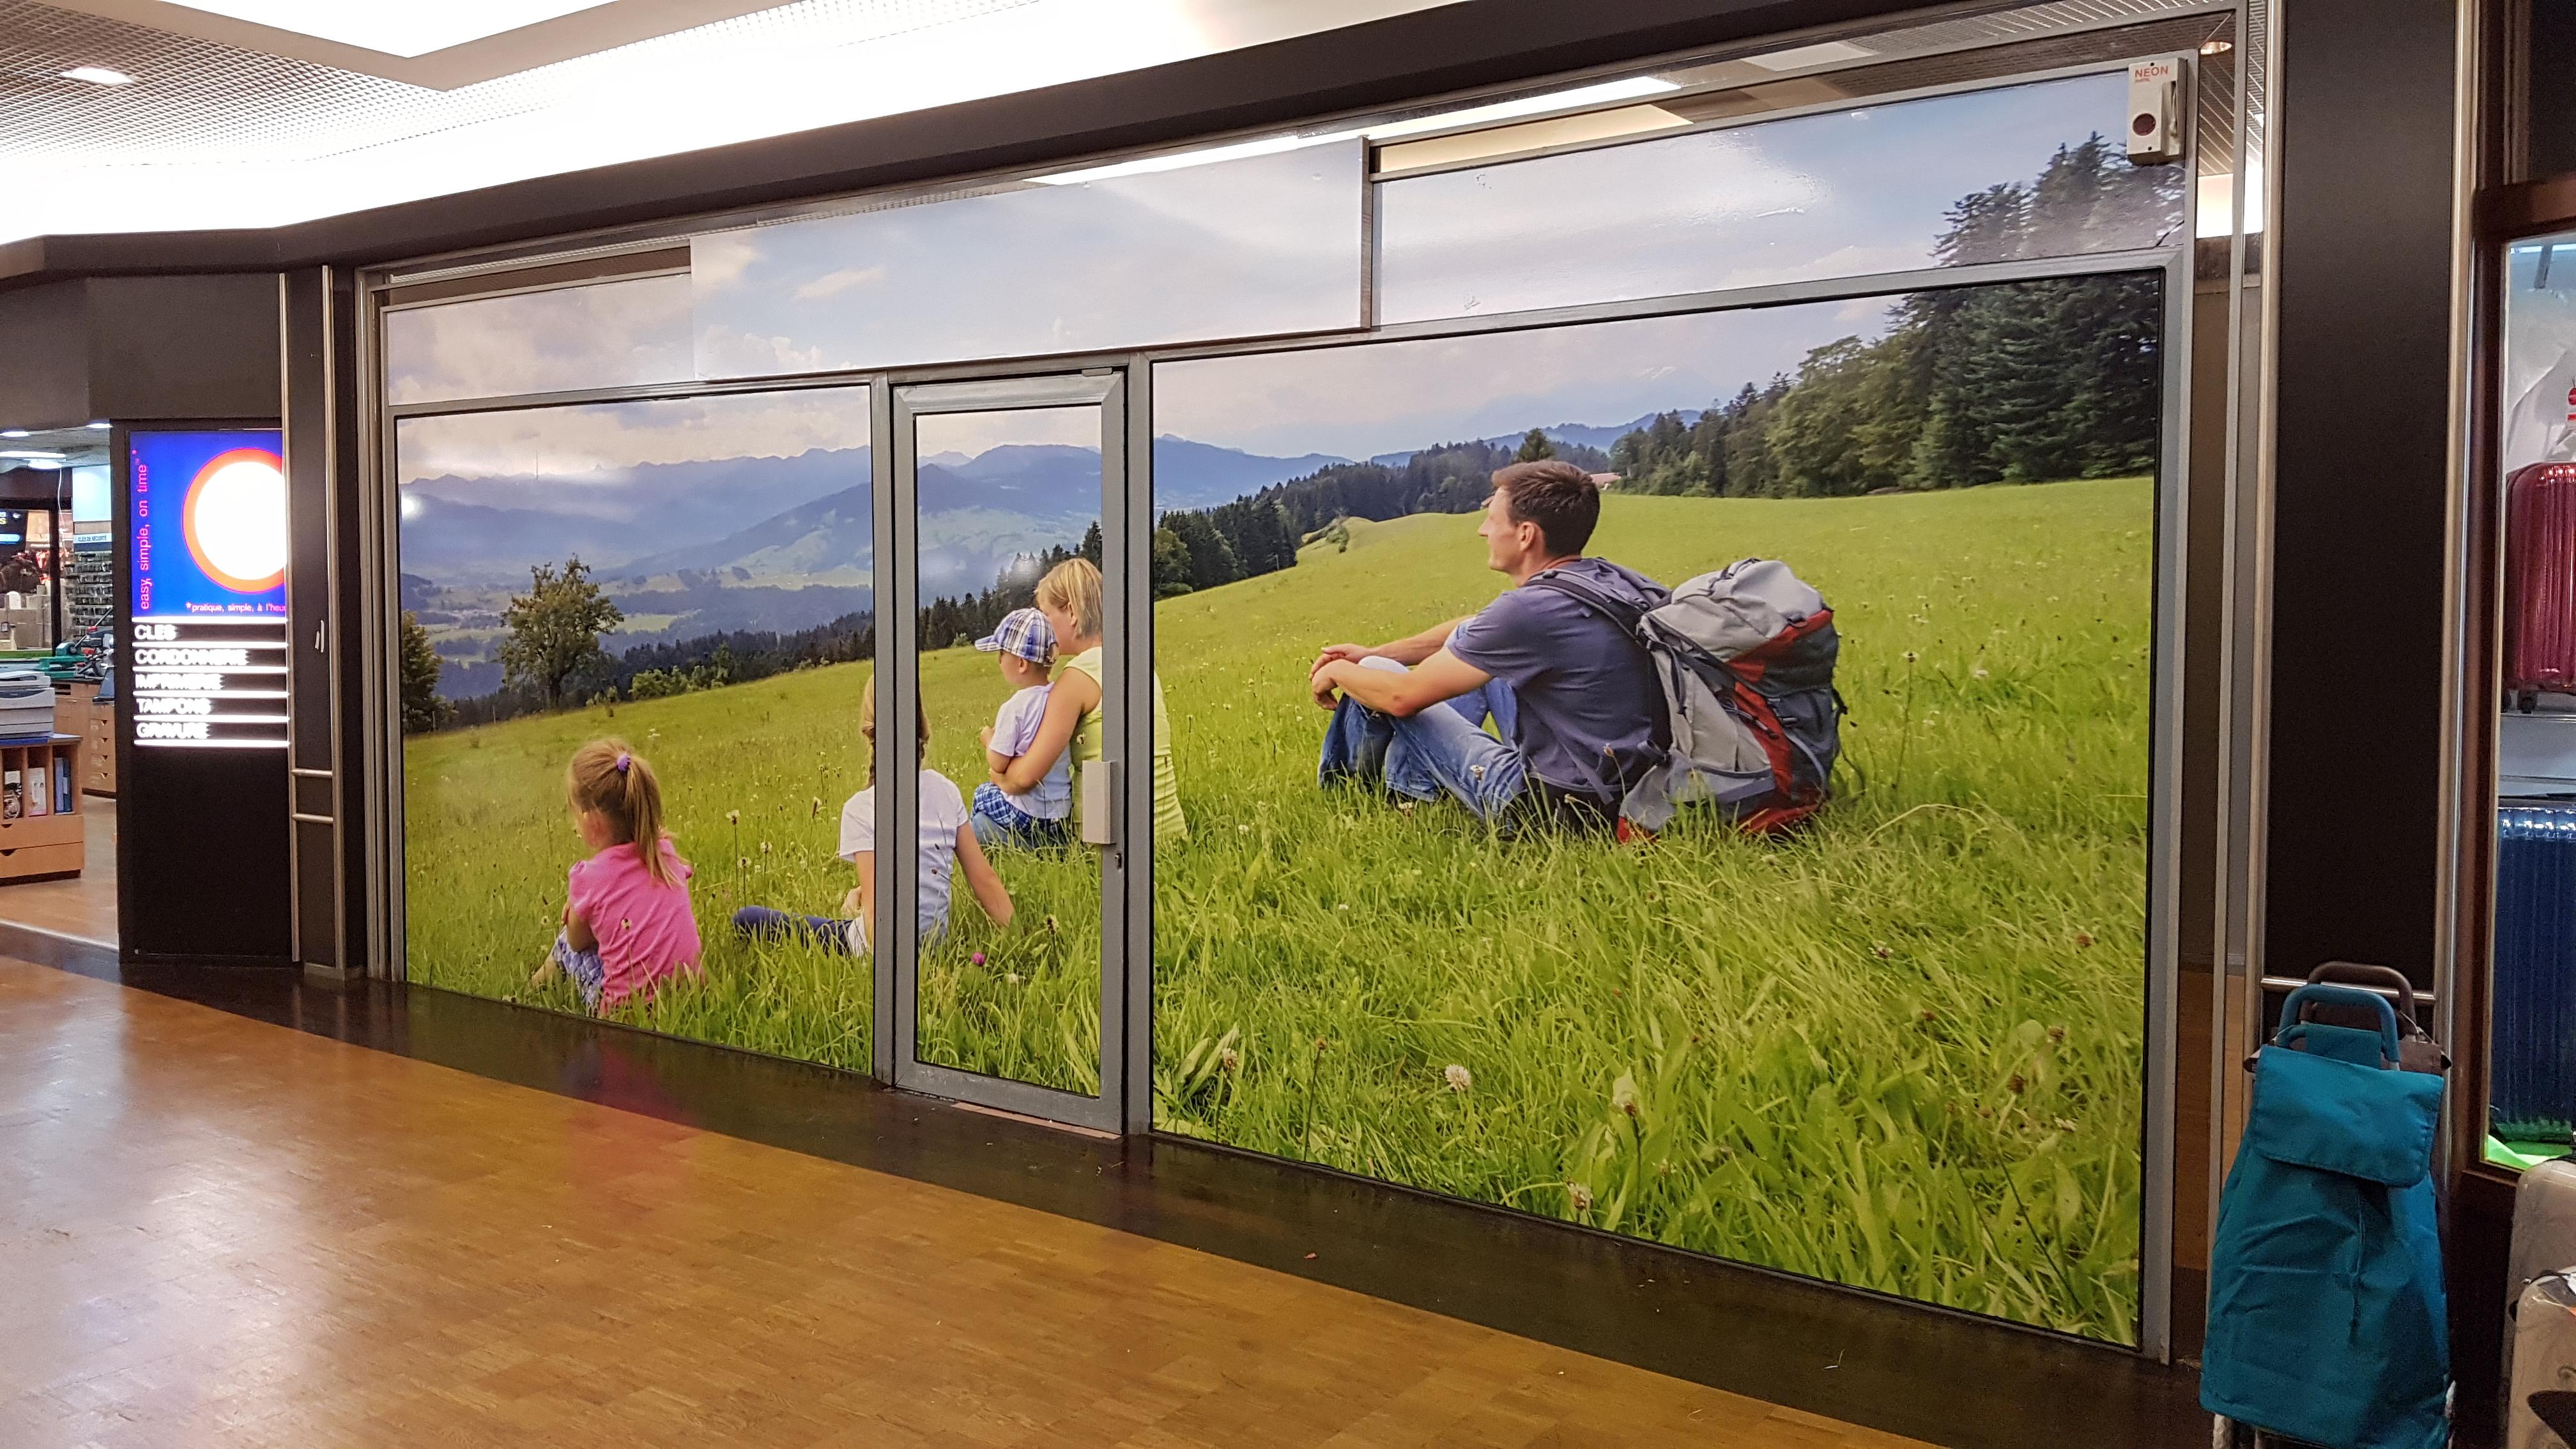 Covering des vitrines d'une boutique en attente de locataire